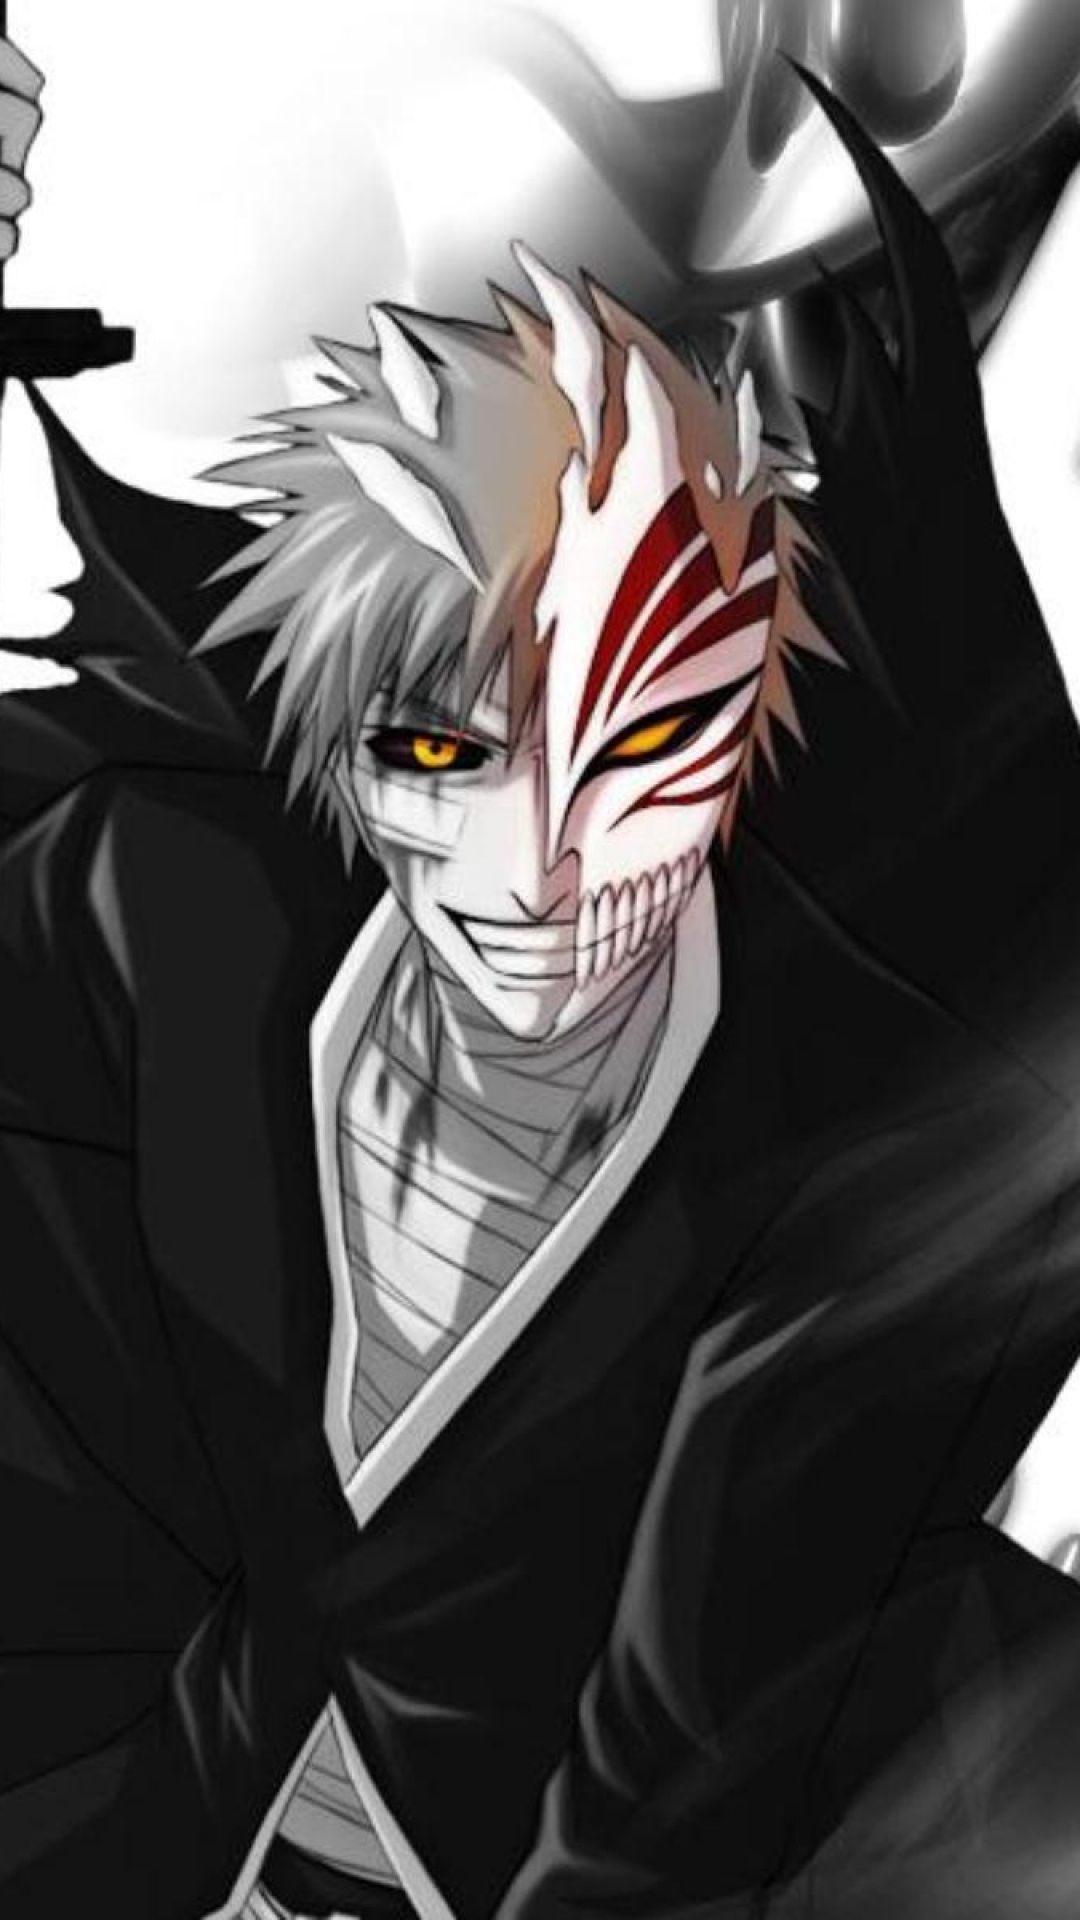 Ichigo Kurosaki Bleach Wallpaper Hd Bleach Anime Ichigo Bleach Fanart Bleach Tattoo